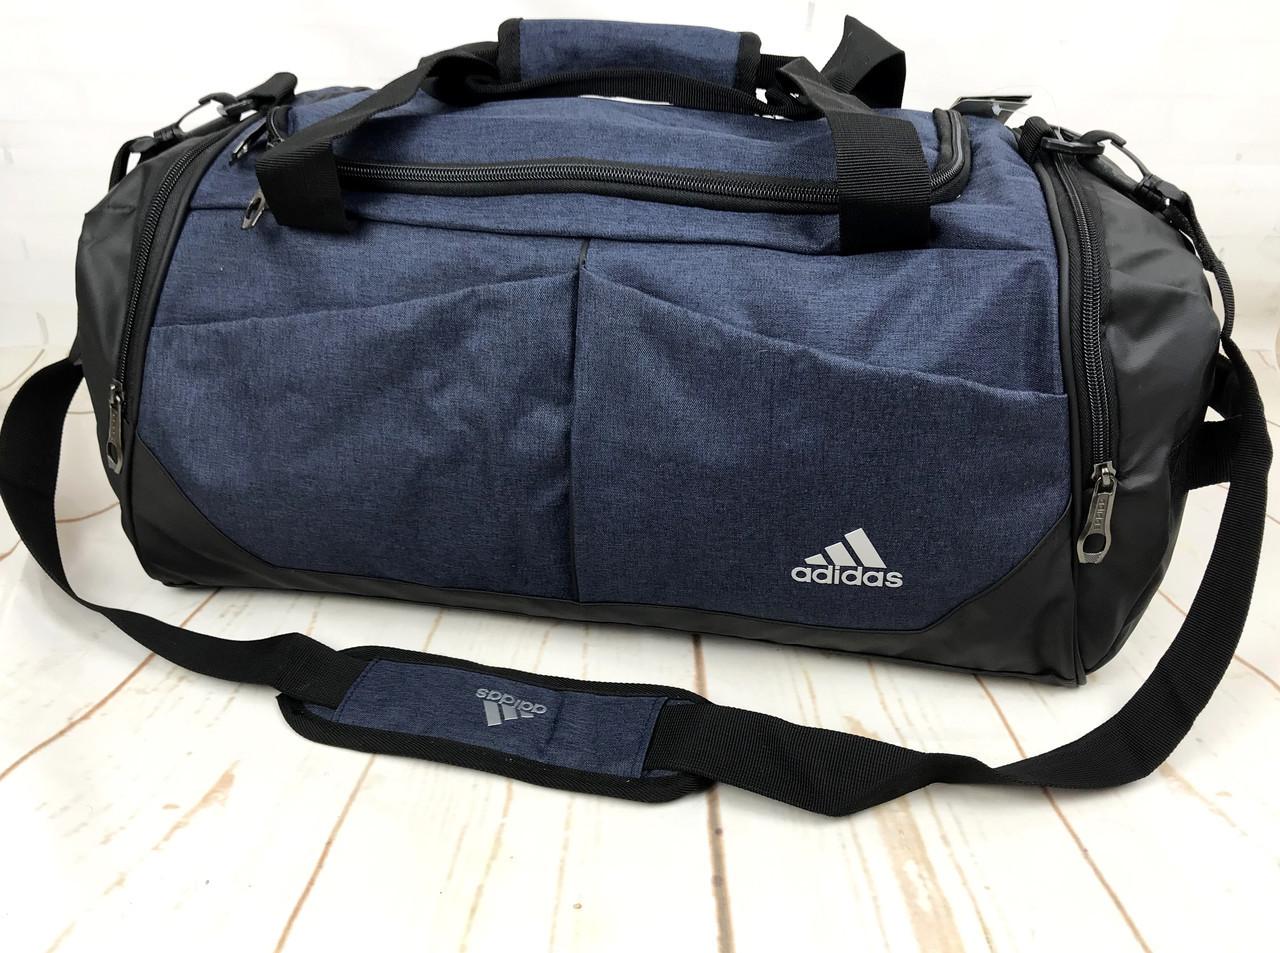 31f267a0e7d1 Красивая спортивная сумка Adidas. Сумка для тренировок , в спортзал. Дорожная  сумка. КСС24